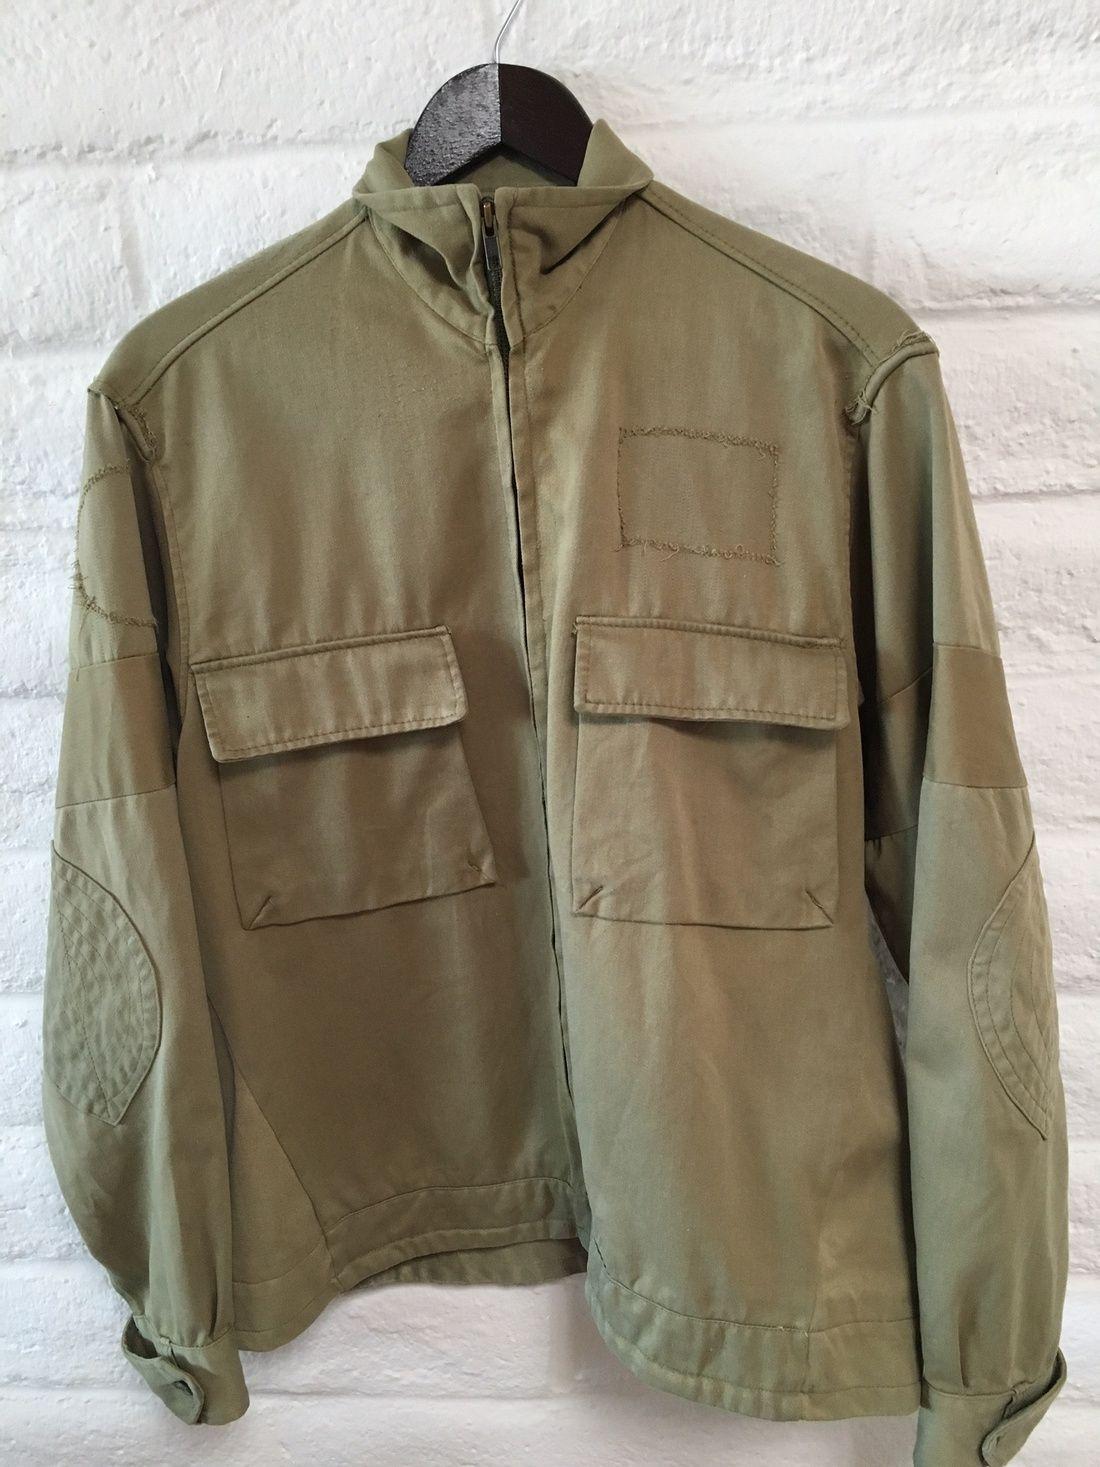 6bc3adf8ad Maison Margiela (0)(10) Artisanal M65 Military Jacket Size M  2200 - Grailed